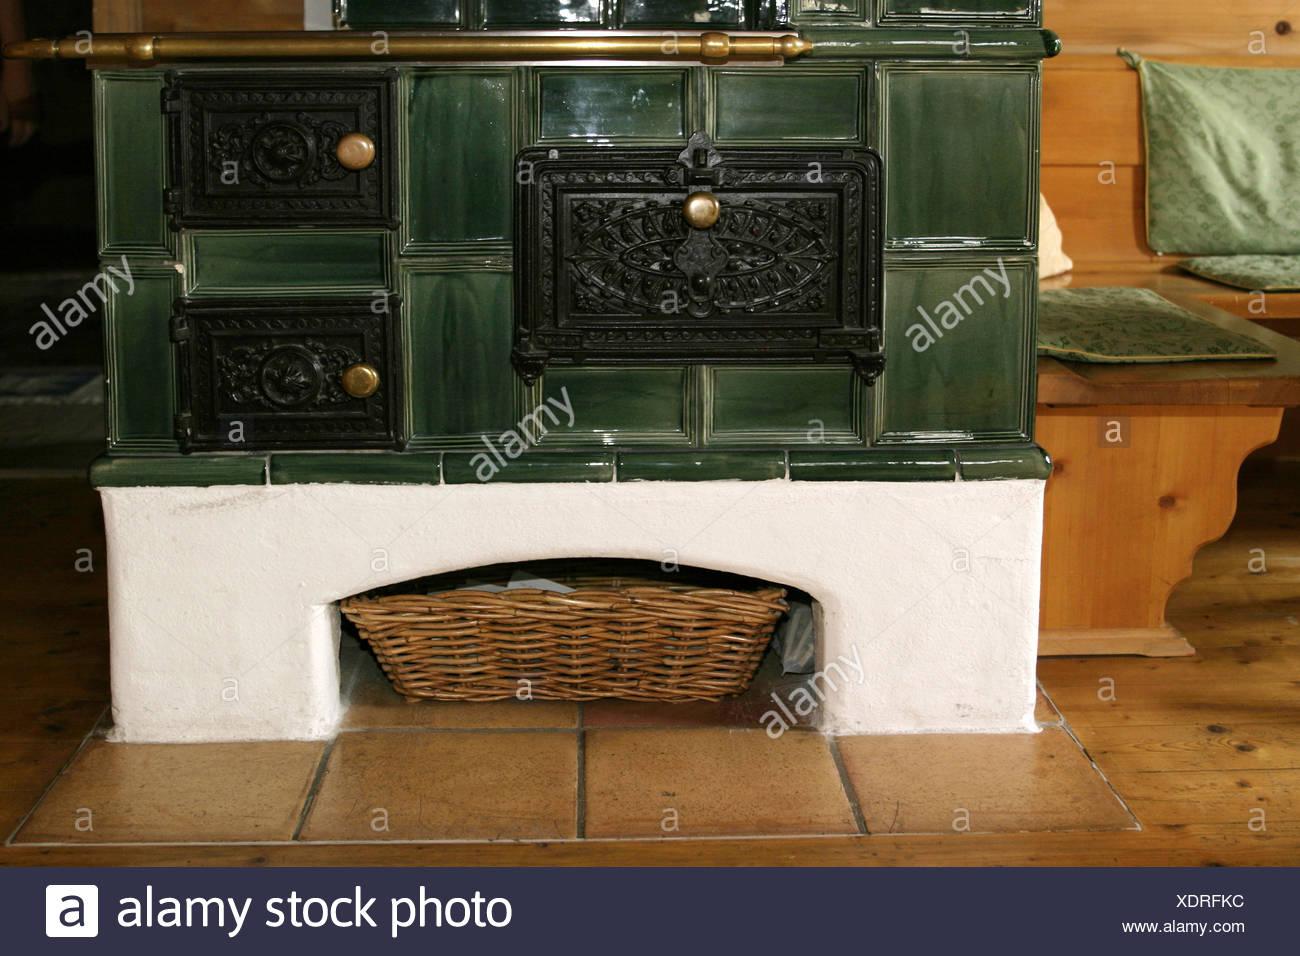 Full Size of Wandverkleidung Küche Wohnraum Müllschrank Griffe Miniküche Läufer Edelstahlküche Gardine Holzküche Aufbewahrung Billig Wasserhahn Für Abluftventilator Wohnzimmer Wandverkleidung Küche